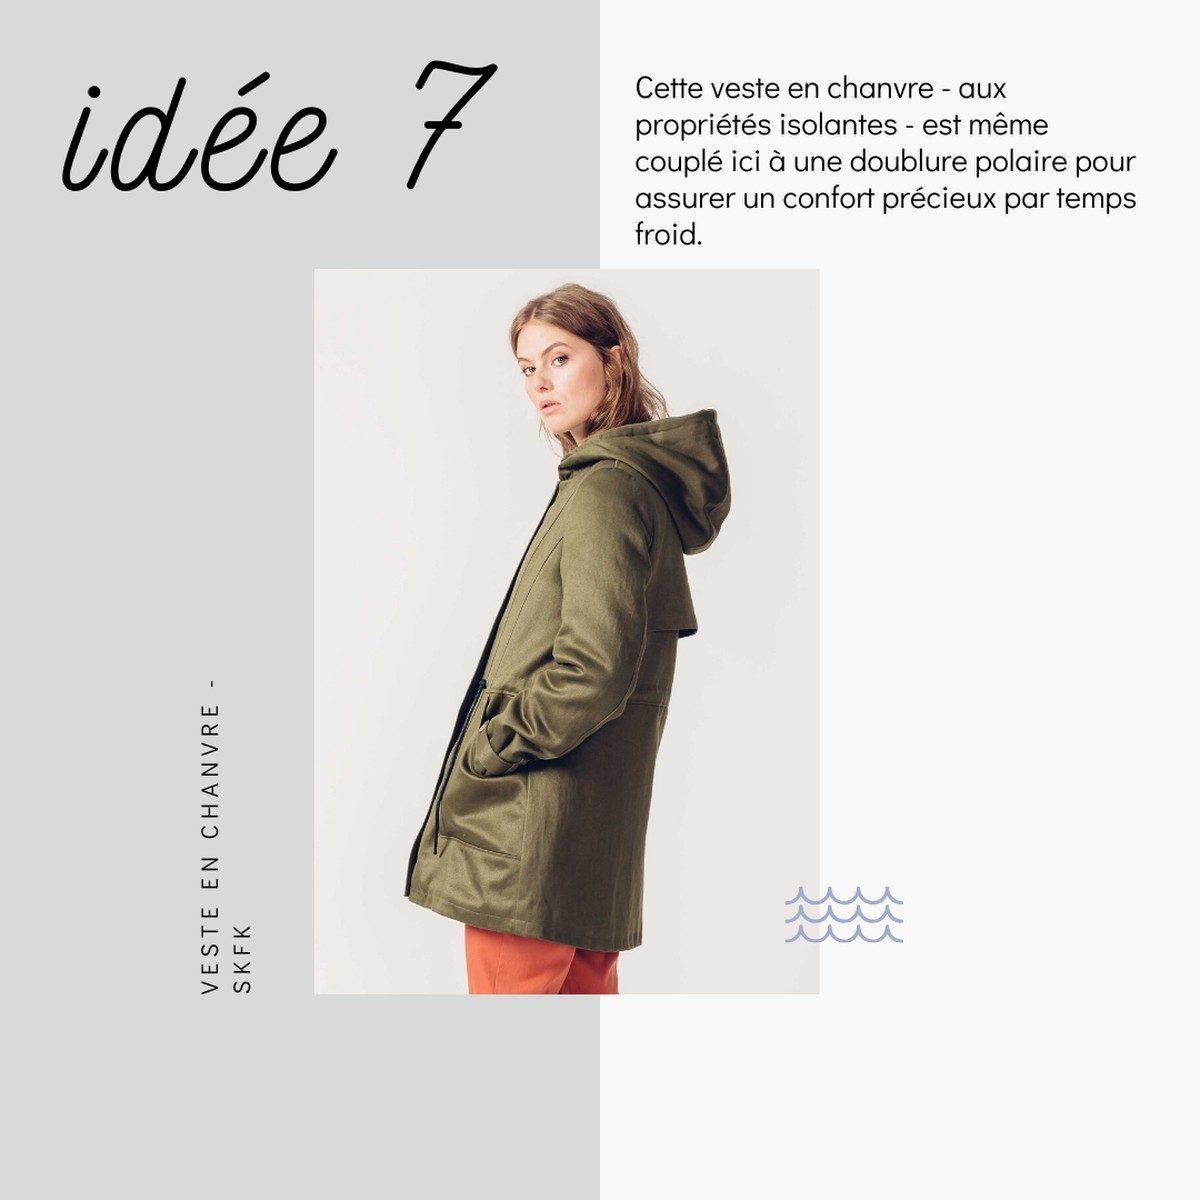 Noël 2019 notre liste de cadeaux slow fashion d'exception - 07 - SKFK